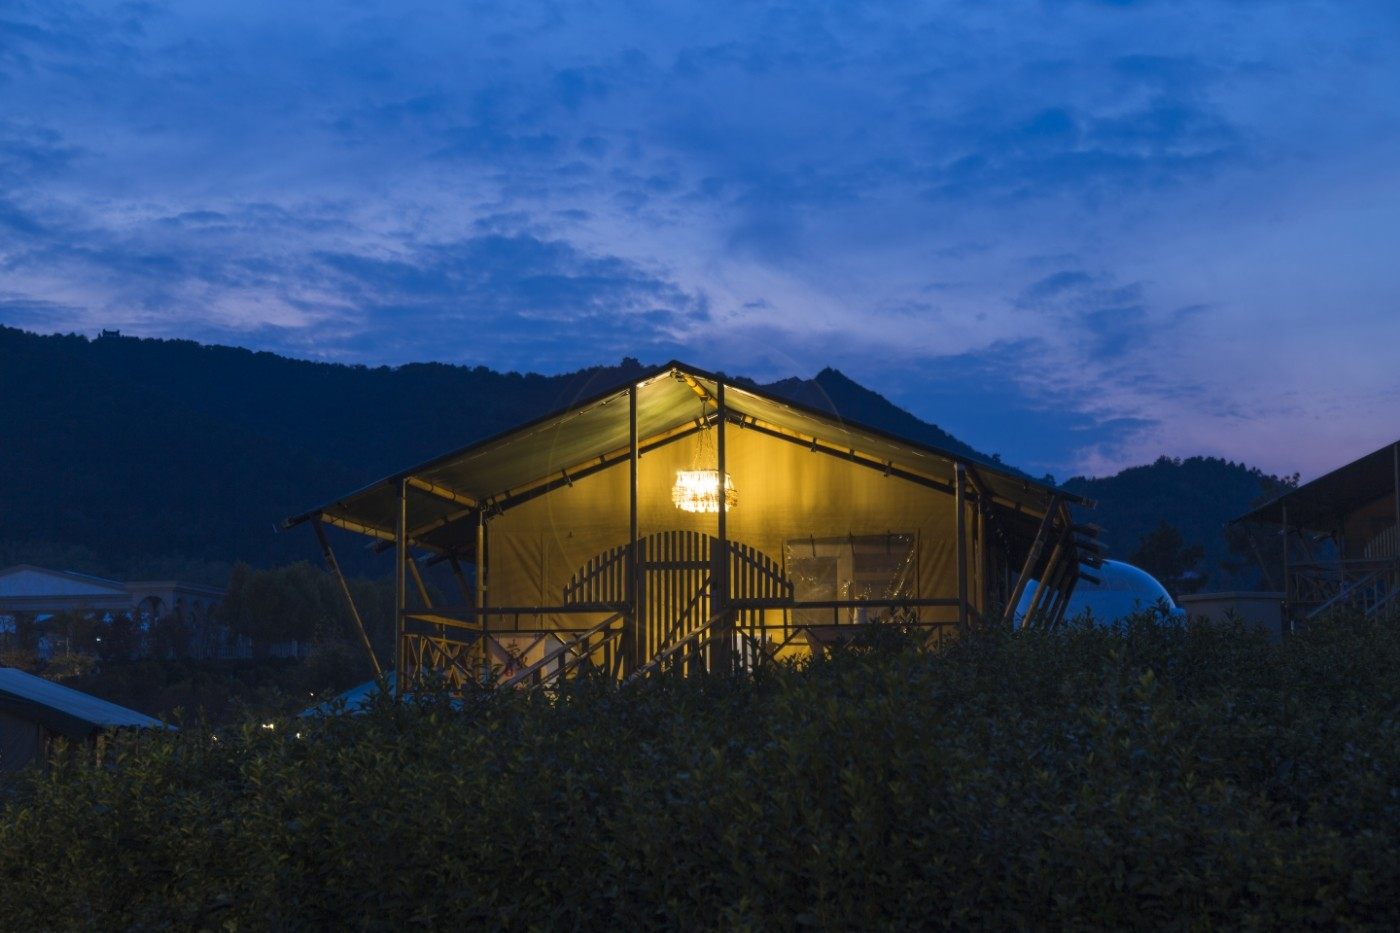 喜马拉雅野奢帐篷酒店—宝盛园夜色26